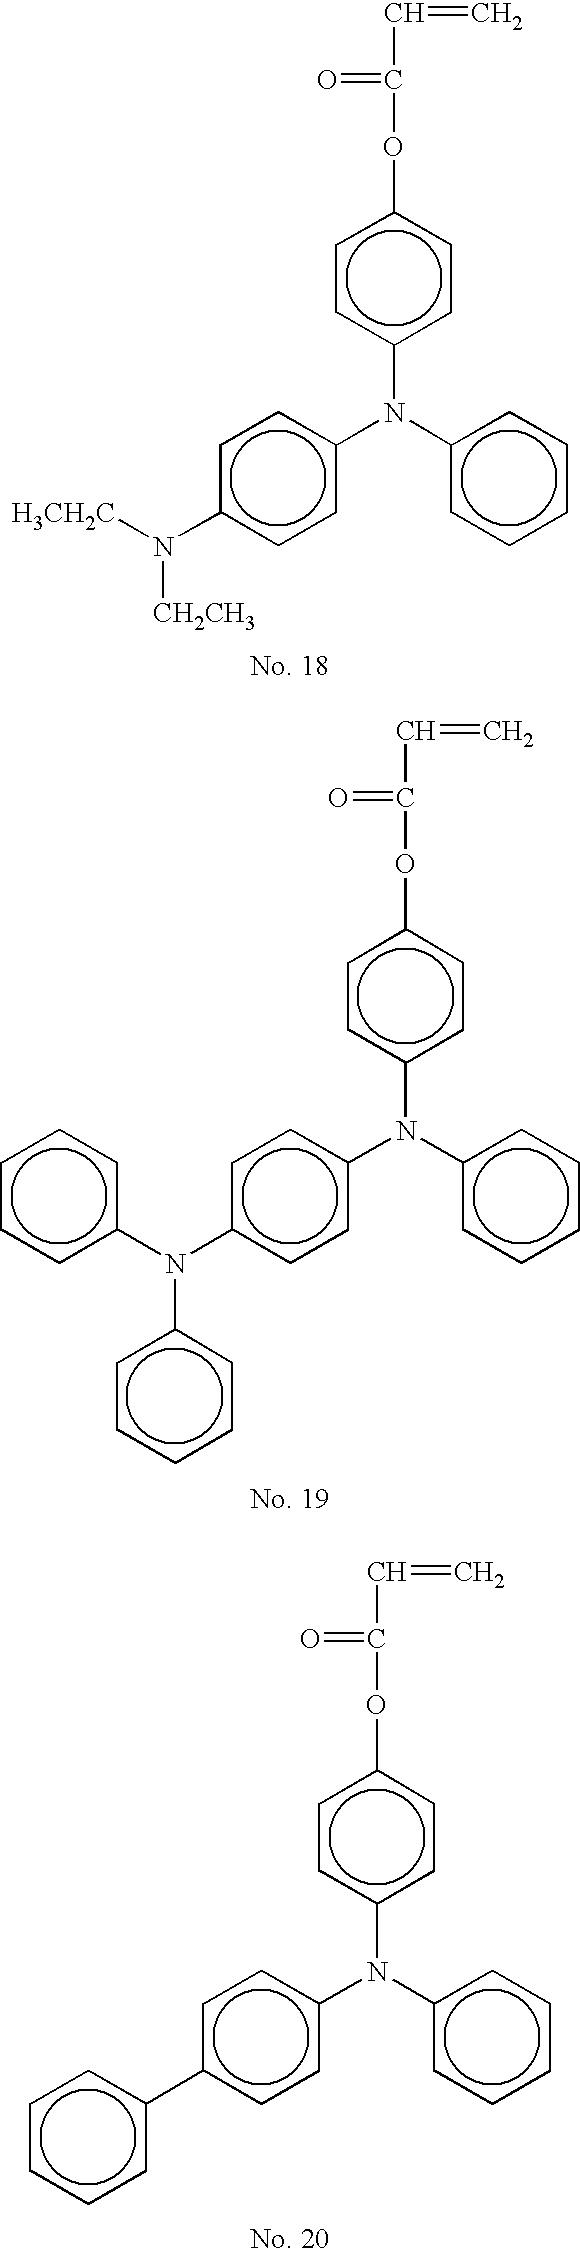 Figure US20070196749A1-20070823-C00010